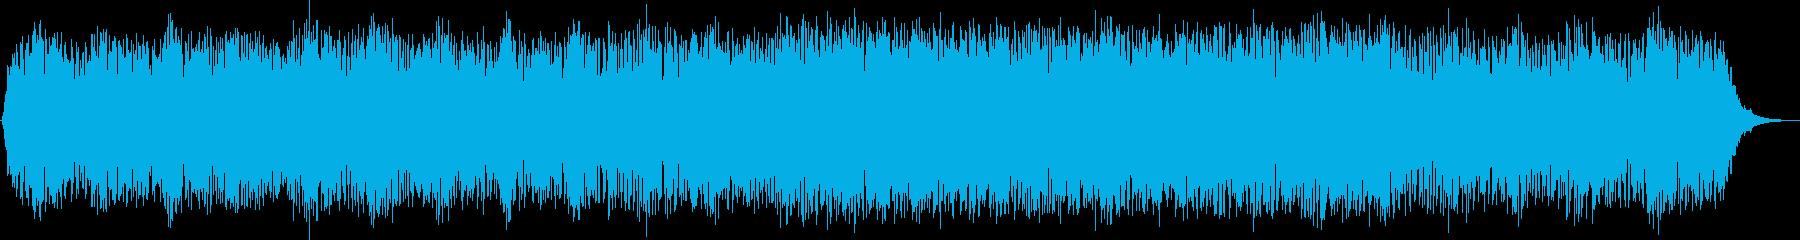 癒しの効果が期待できる曲です。の再生済みの波形